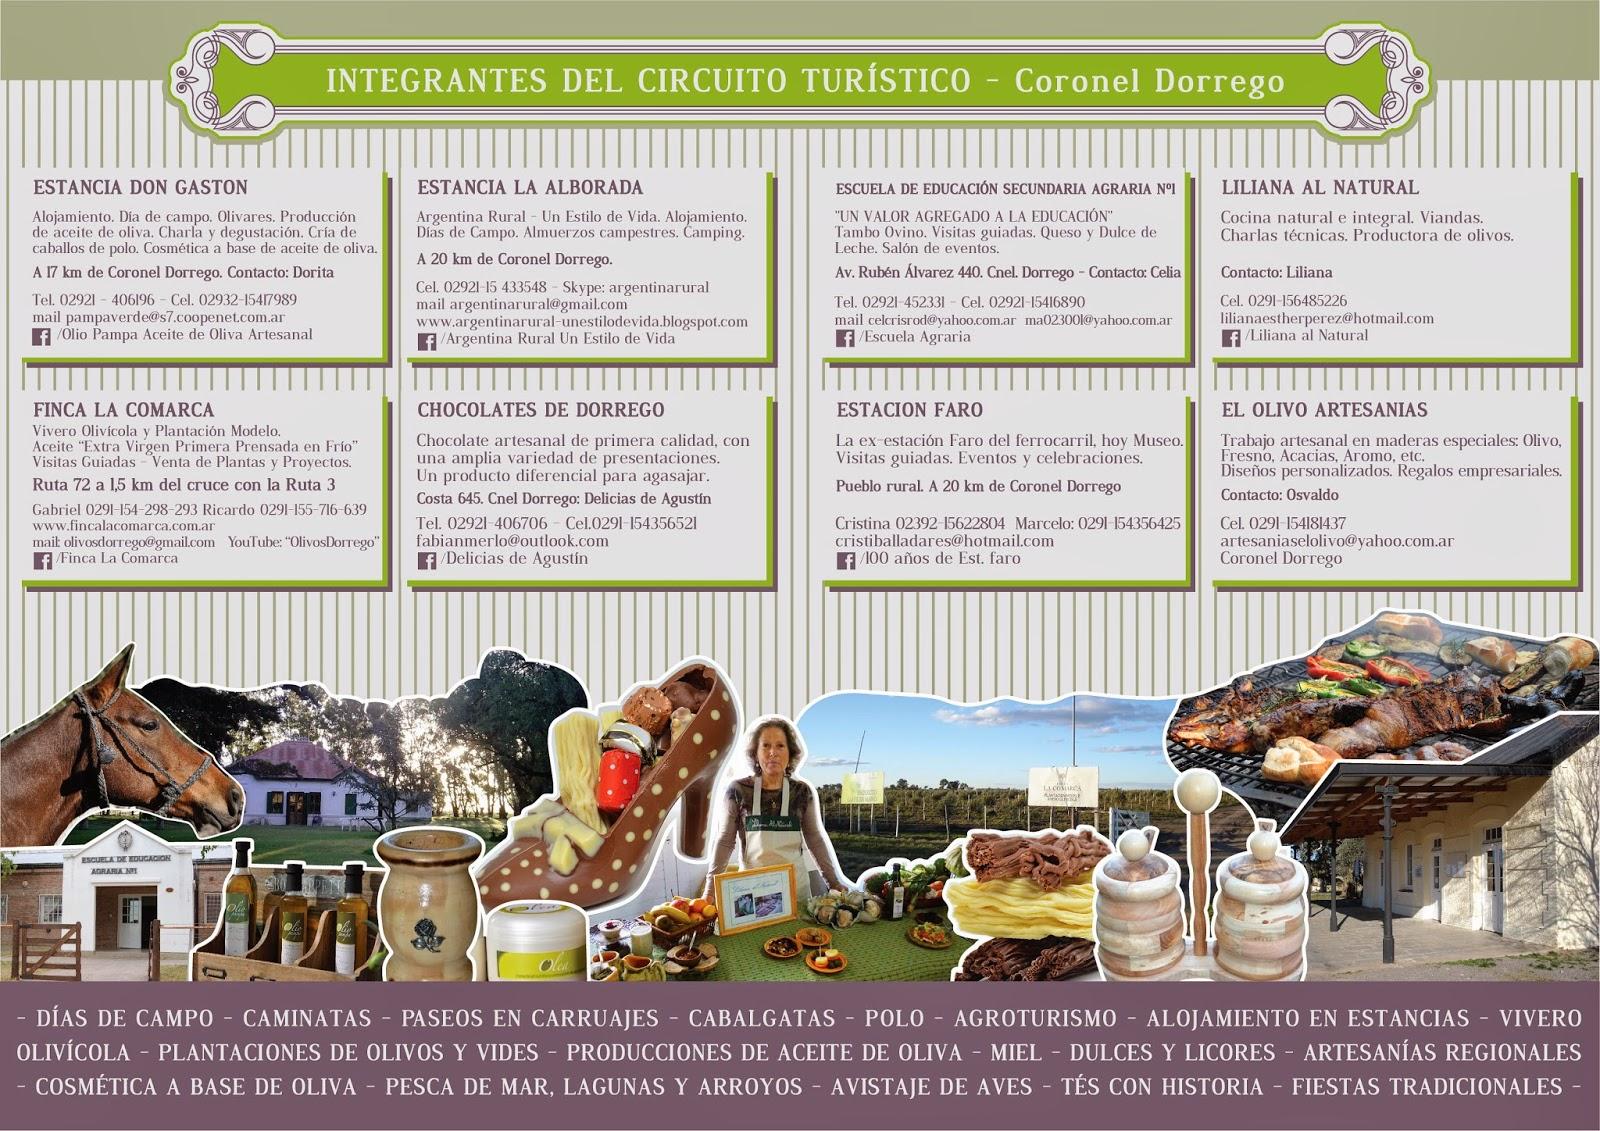 Circuito Turistico : Circuito turistico los olivares